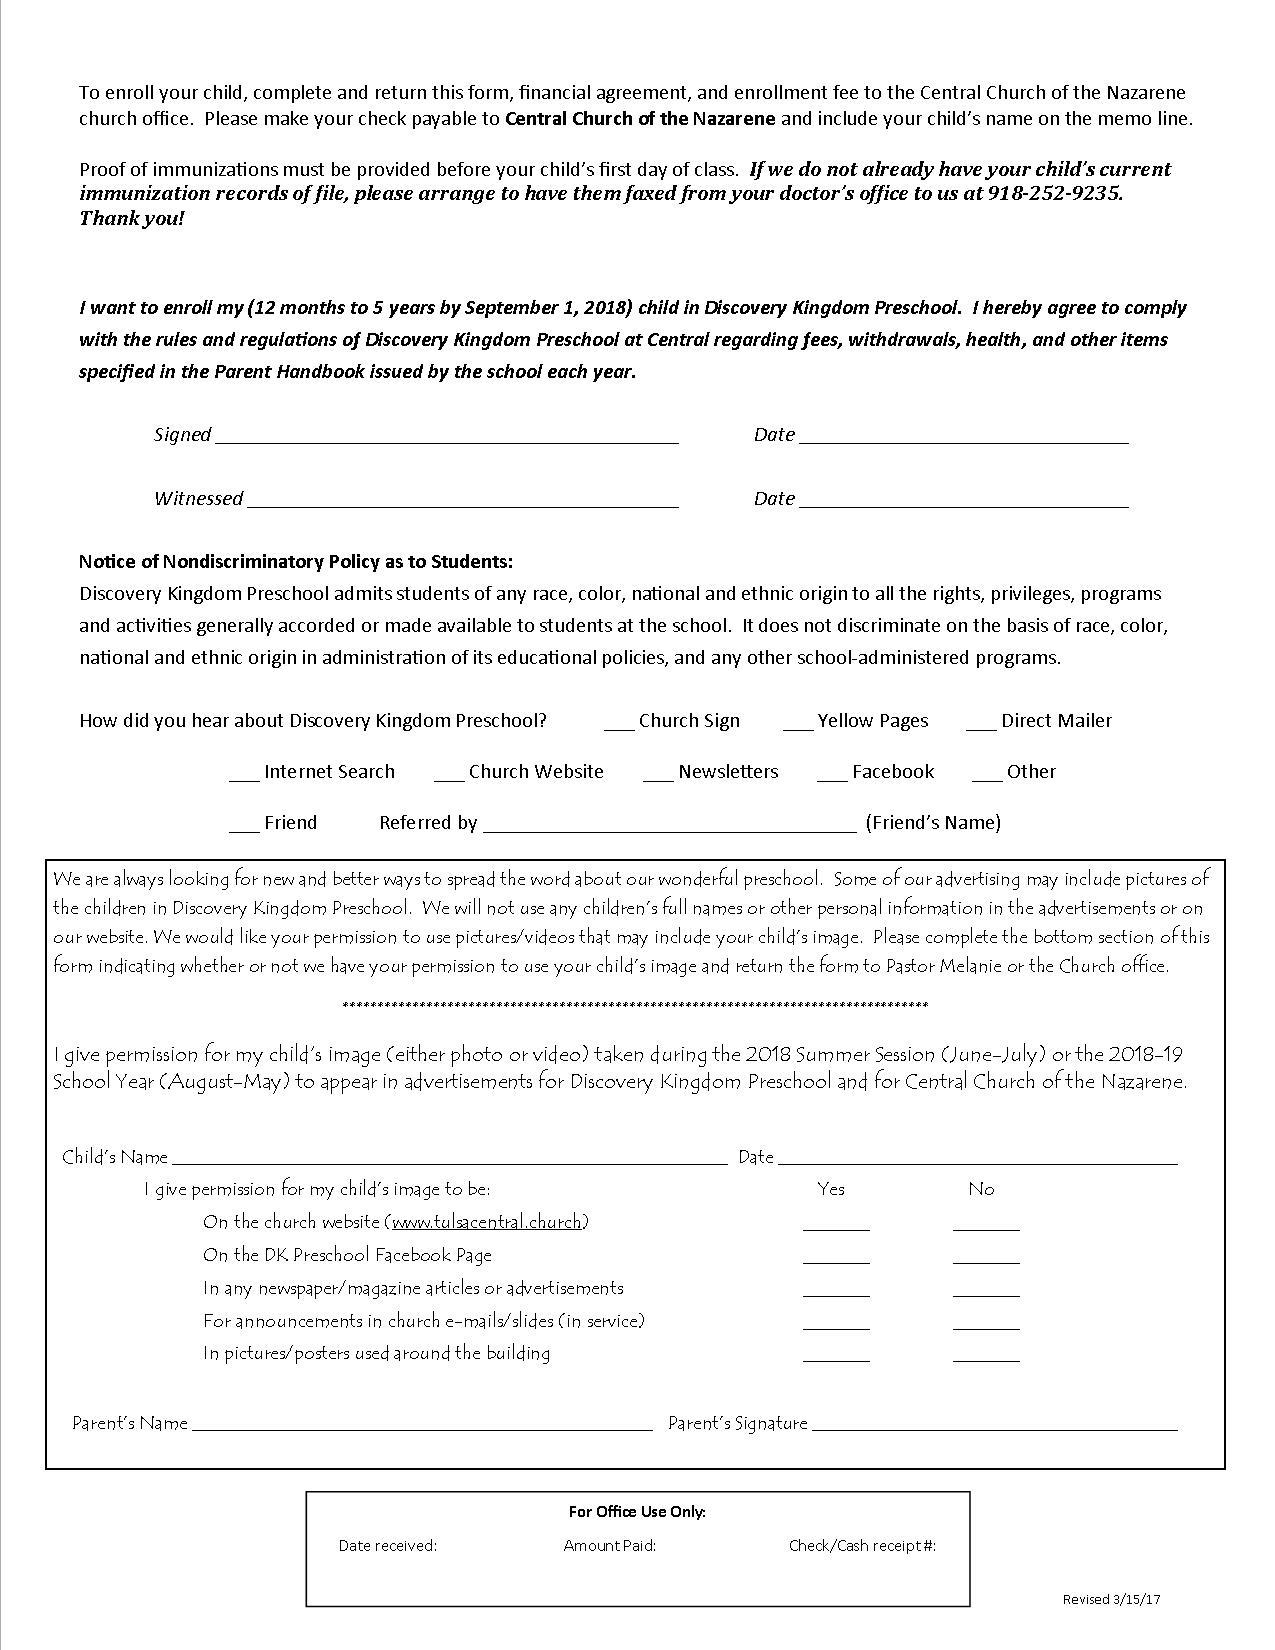 DKP Enrollment Form Back.jpg